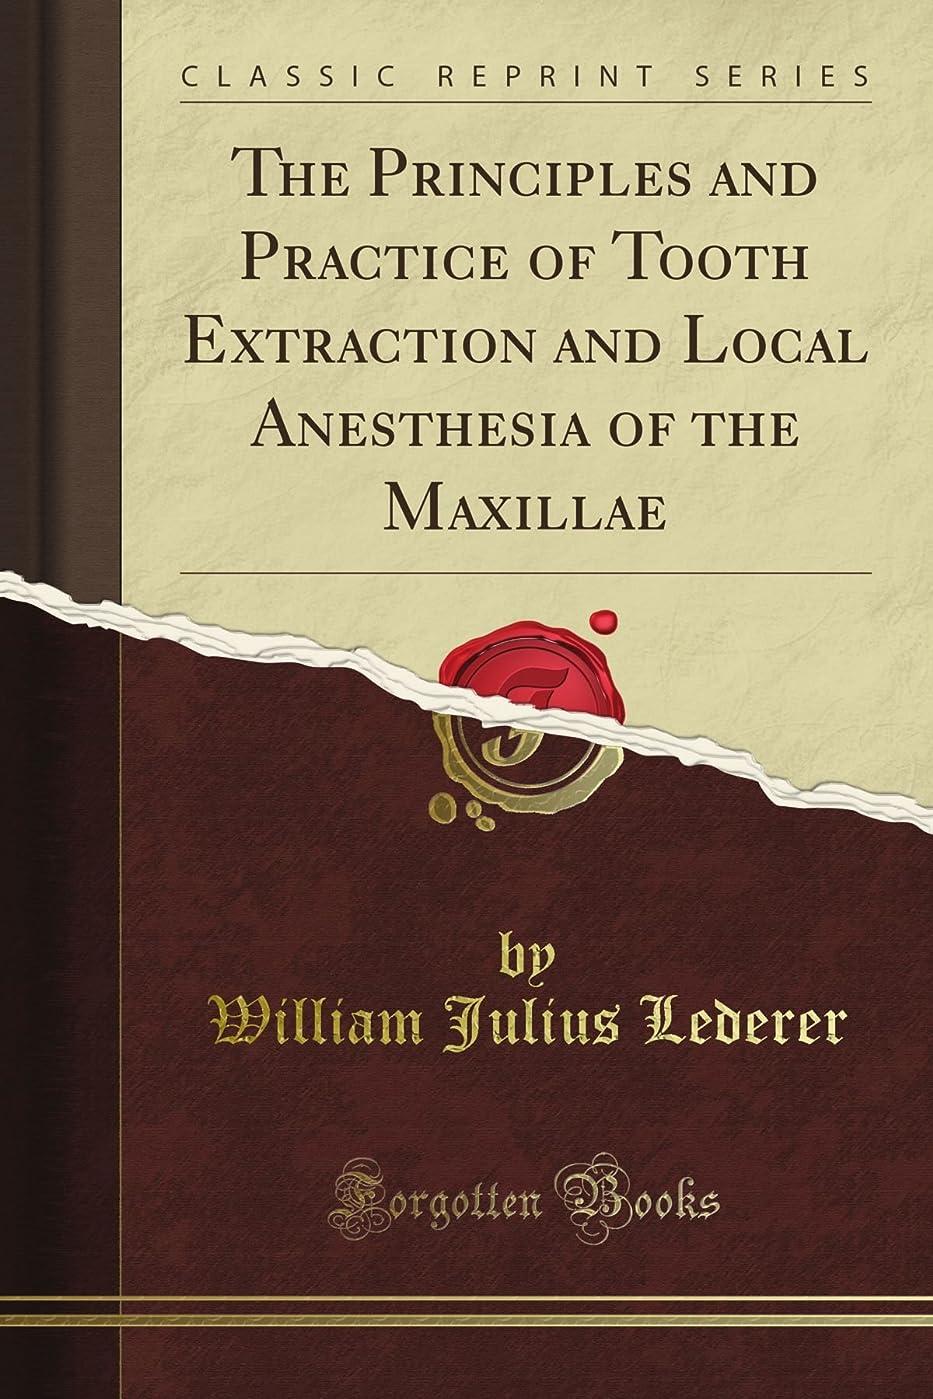 発行する歌うストライドThe Principles and Practice of Tooth Extraction and Local Anesthesia of the Maxillae (Classic Reprint)